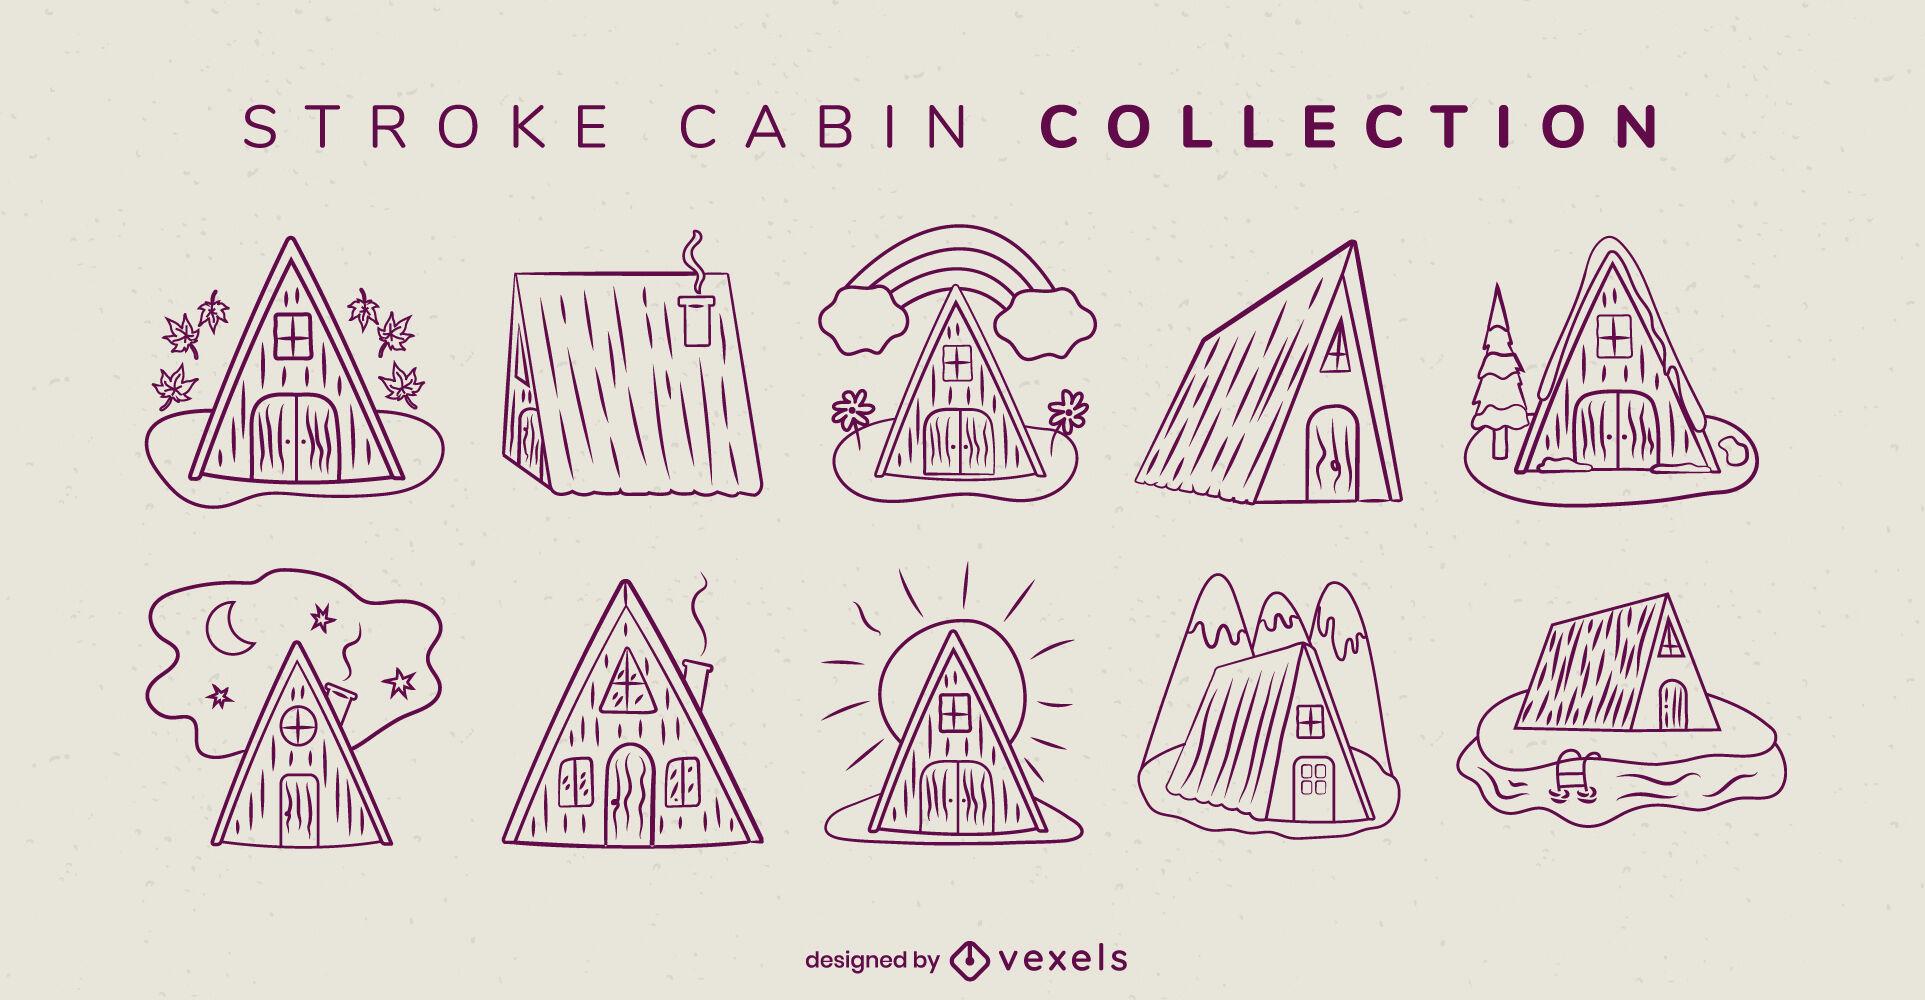 Colecci?n de trazos de camping en casa de cabina plana